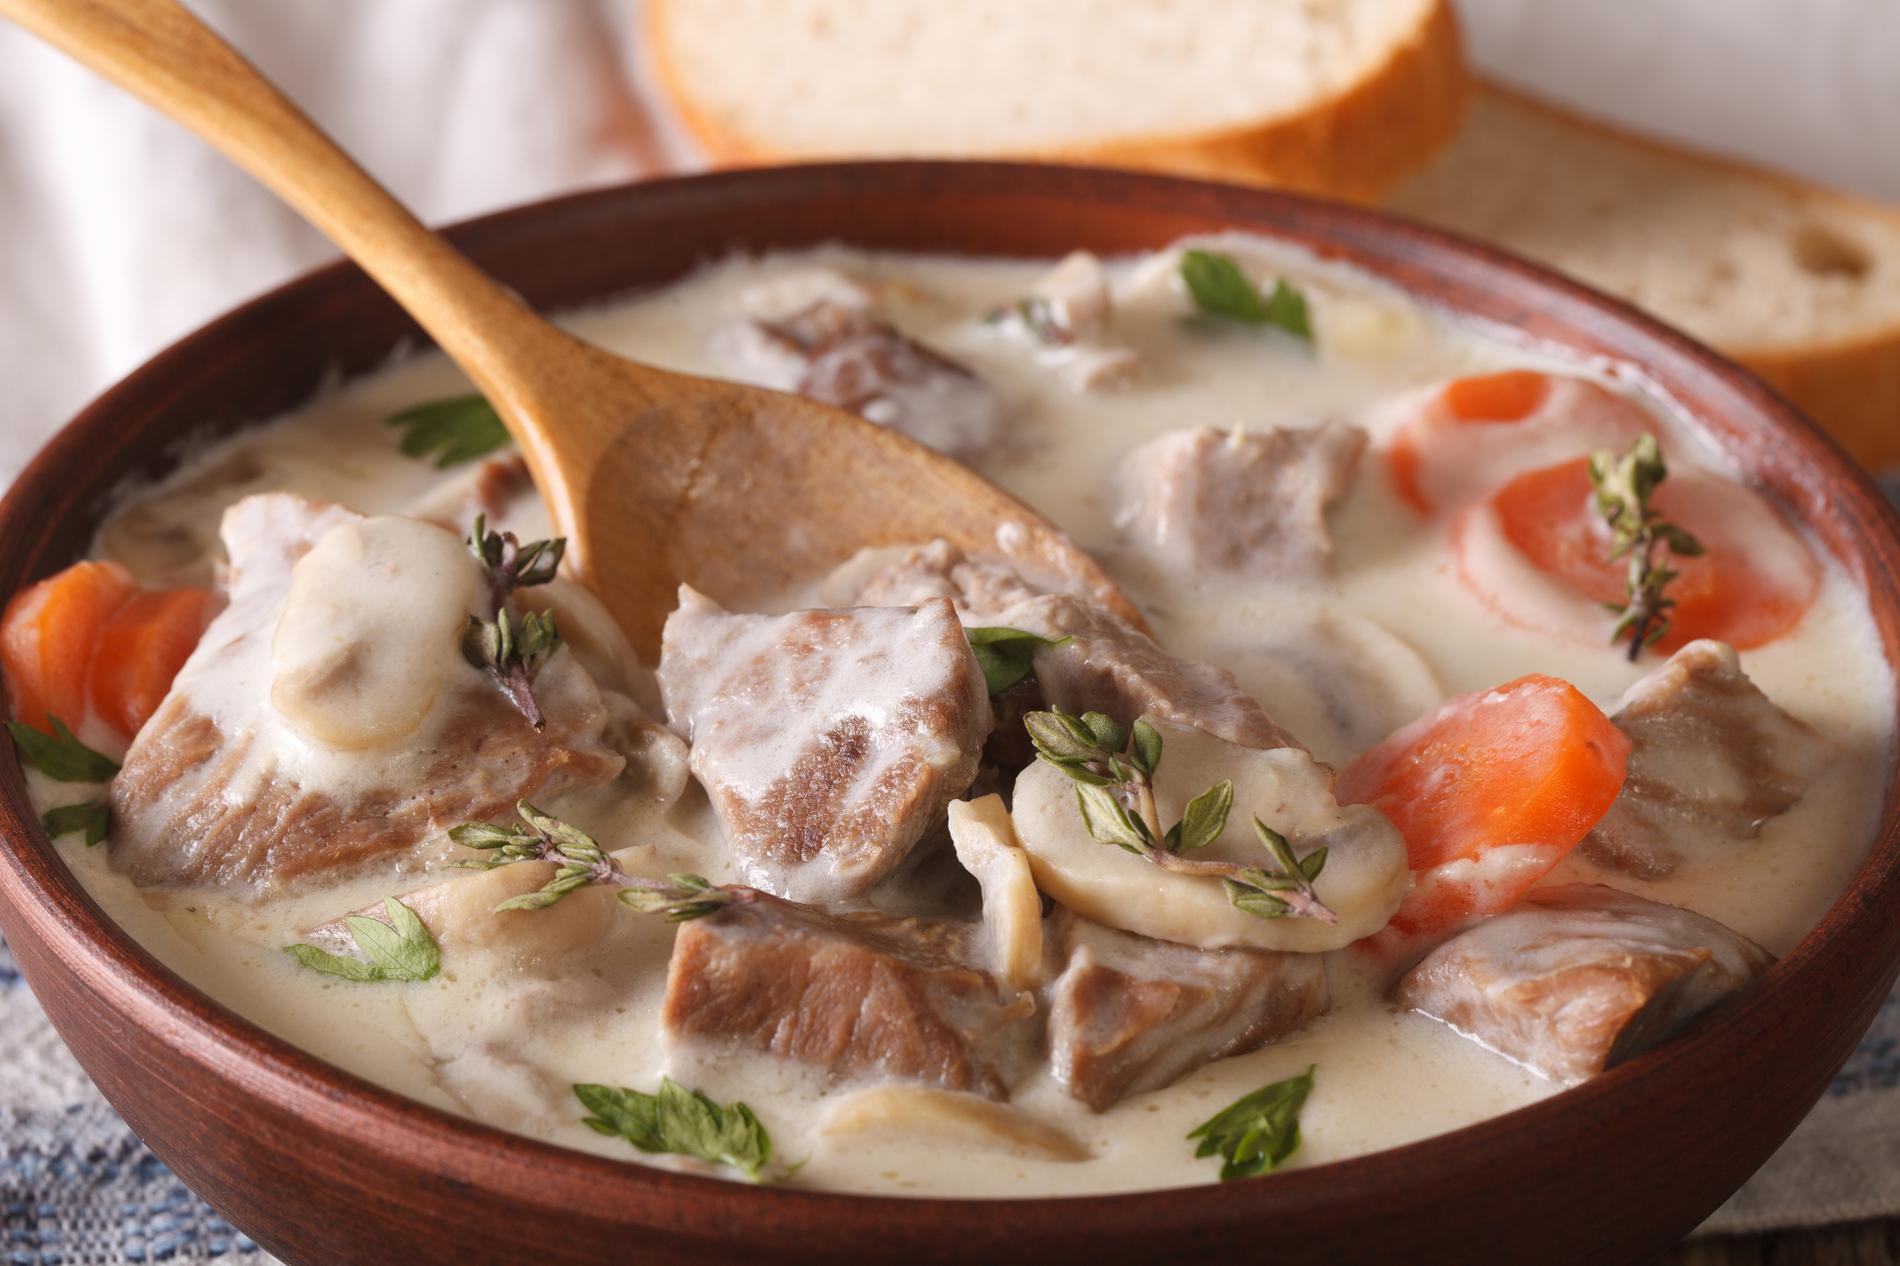 Recette blanquette de veau cuisine madame figaro - Recette de cuisine blanquette de veau ...